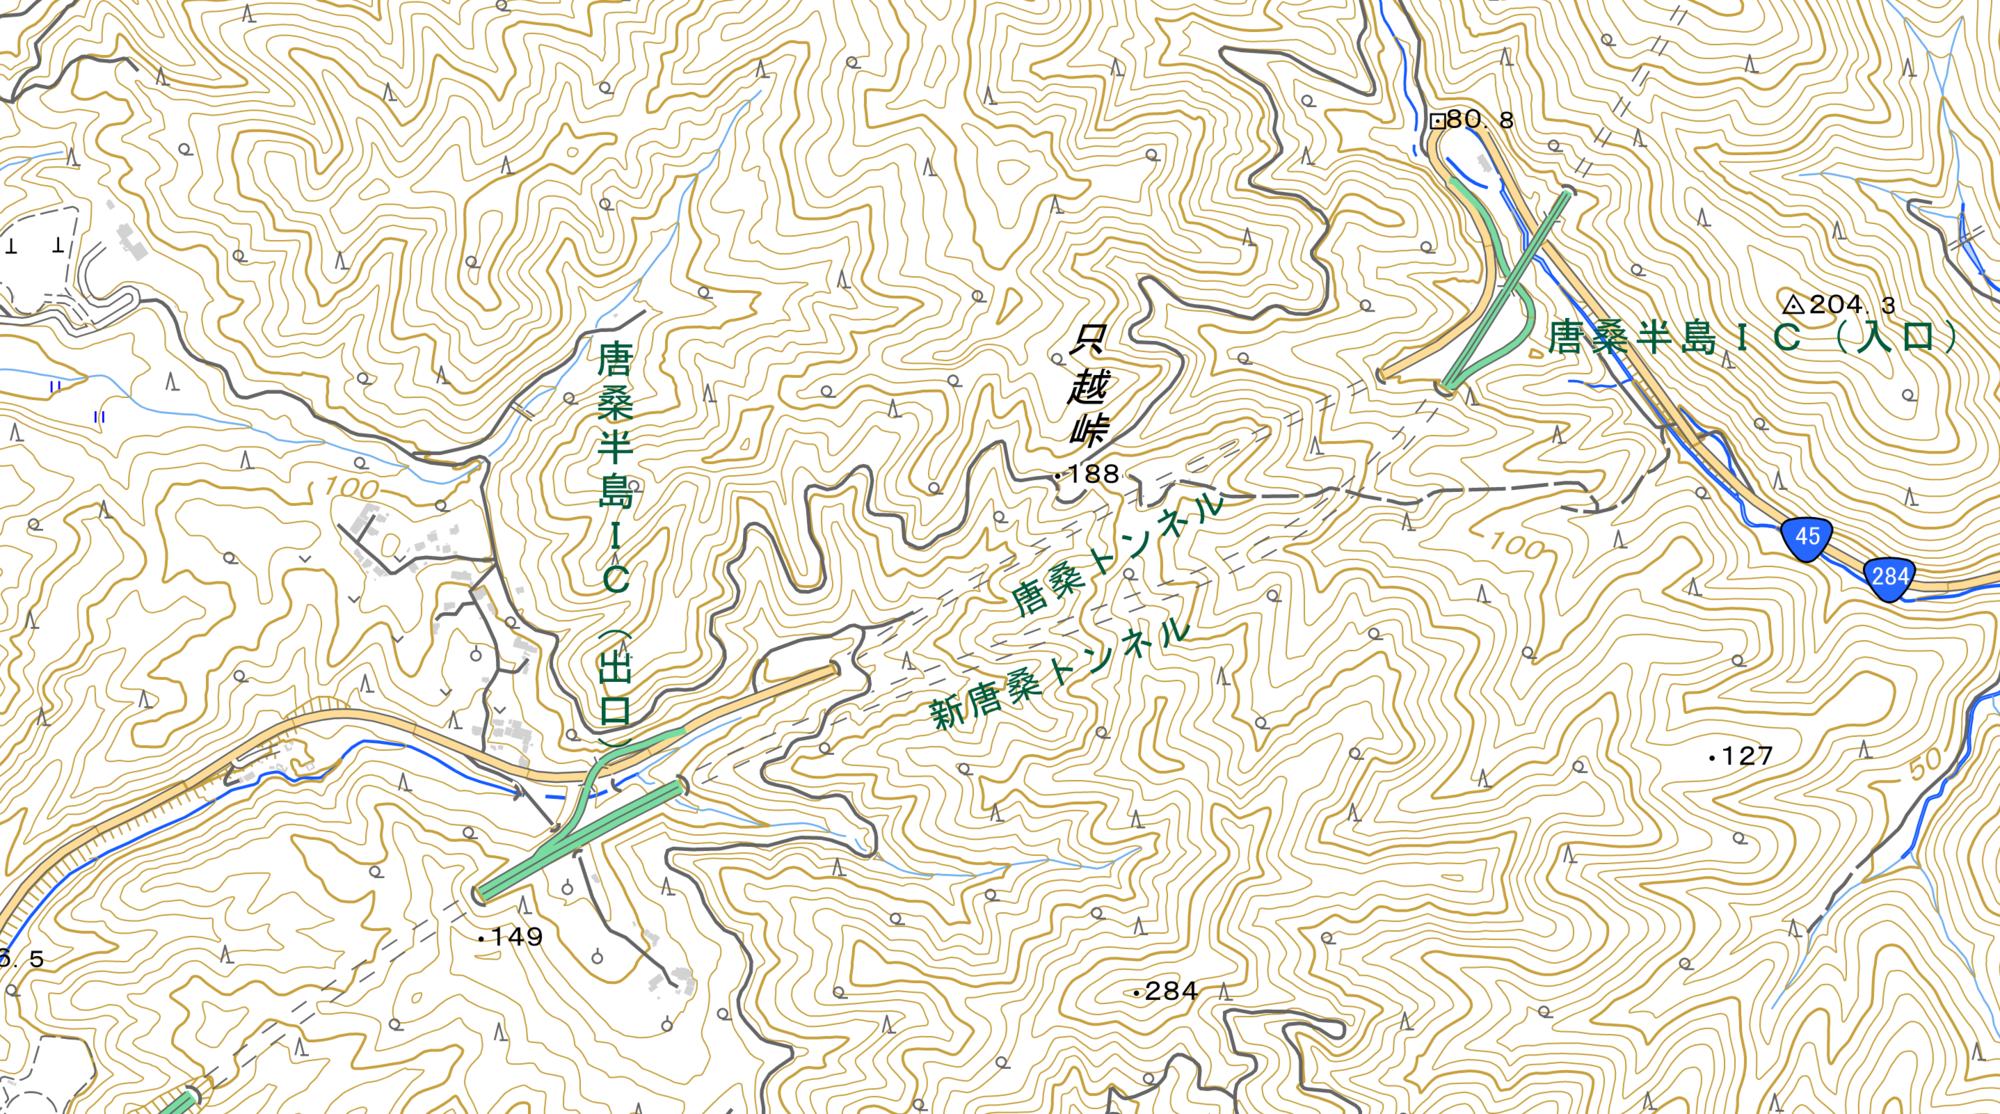 唐桑半島IC 全景地図